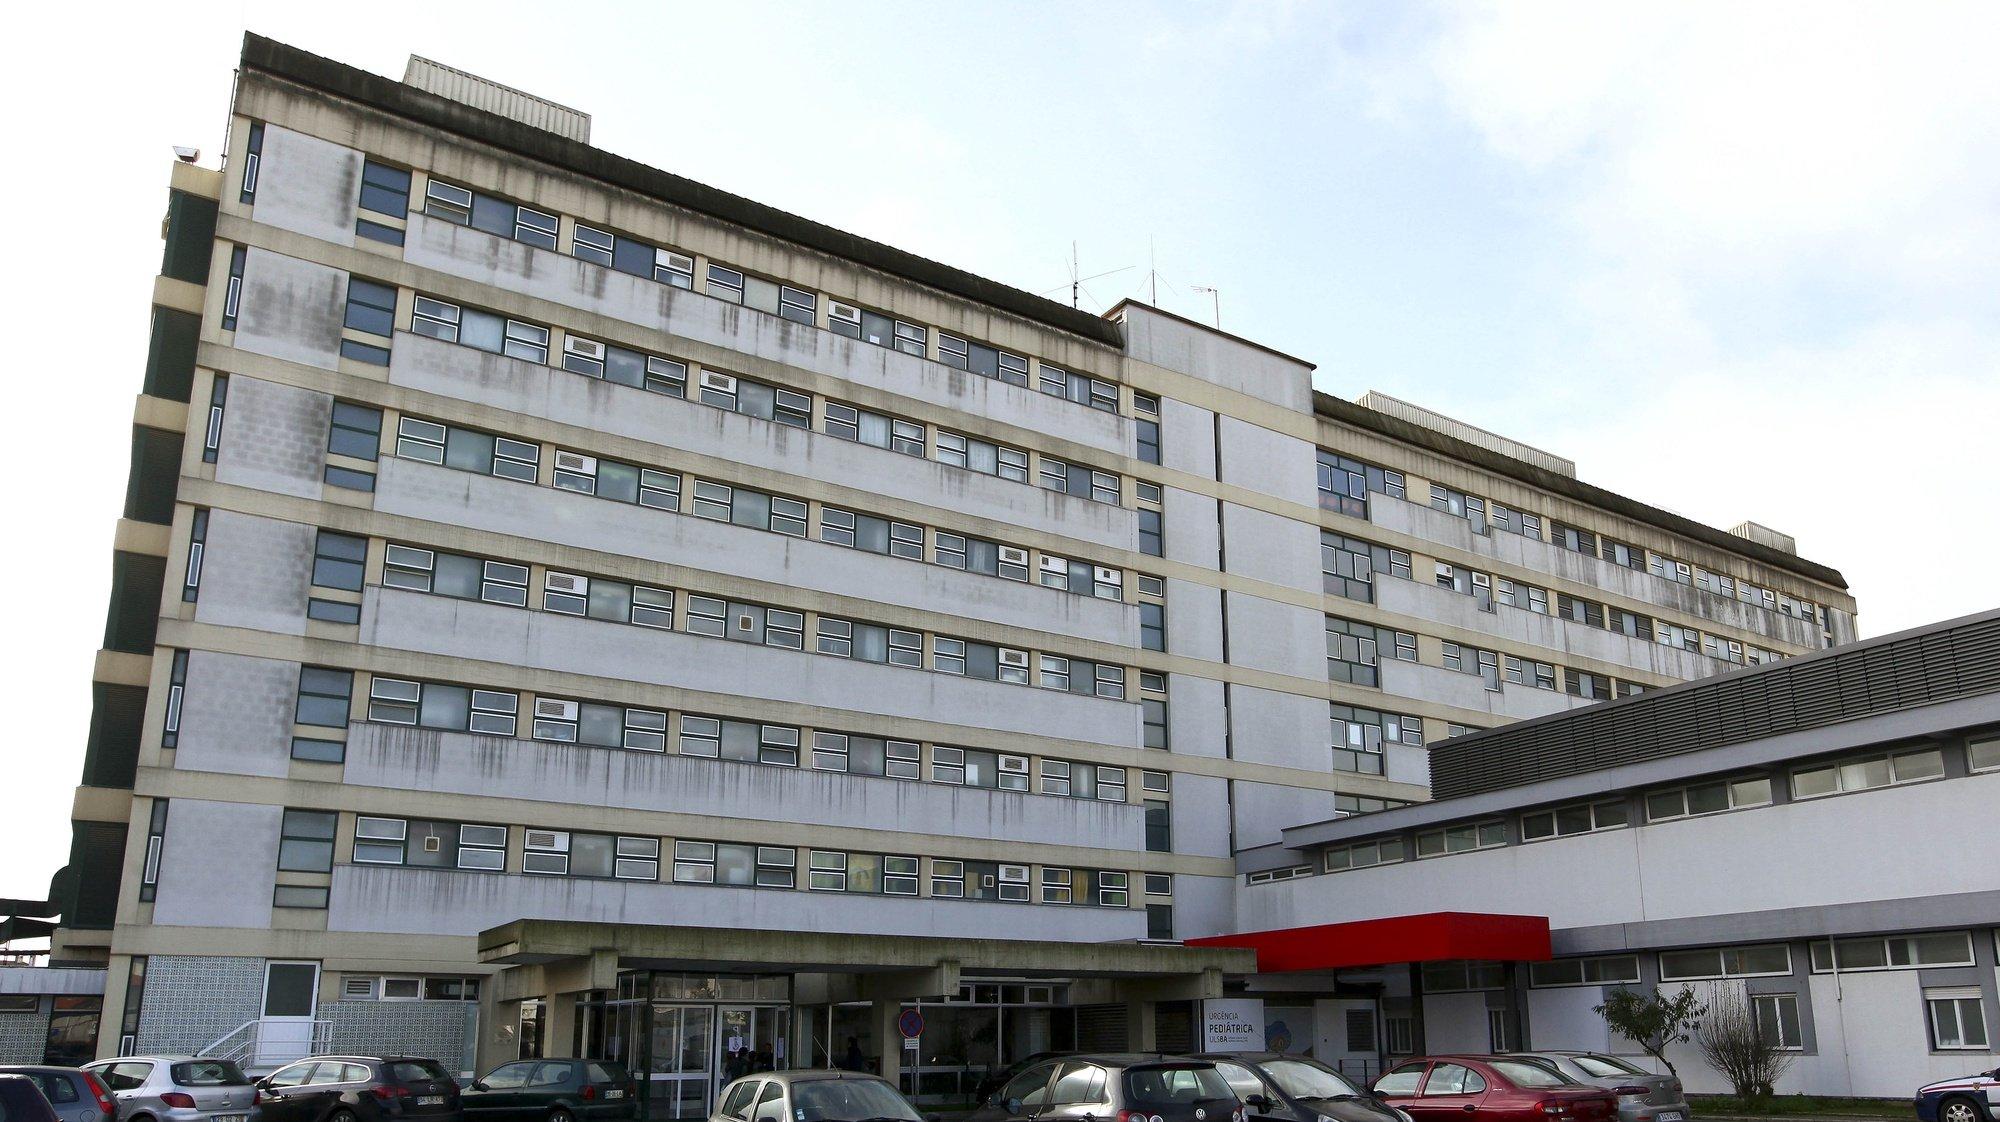 Hospital José Joaquim Fernandes em Beja,  1 de janeiro de 2013 NUNO VEIGA/LUSA